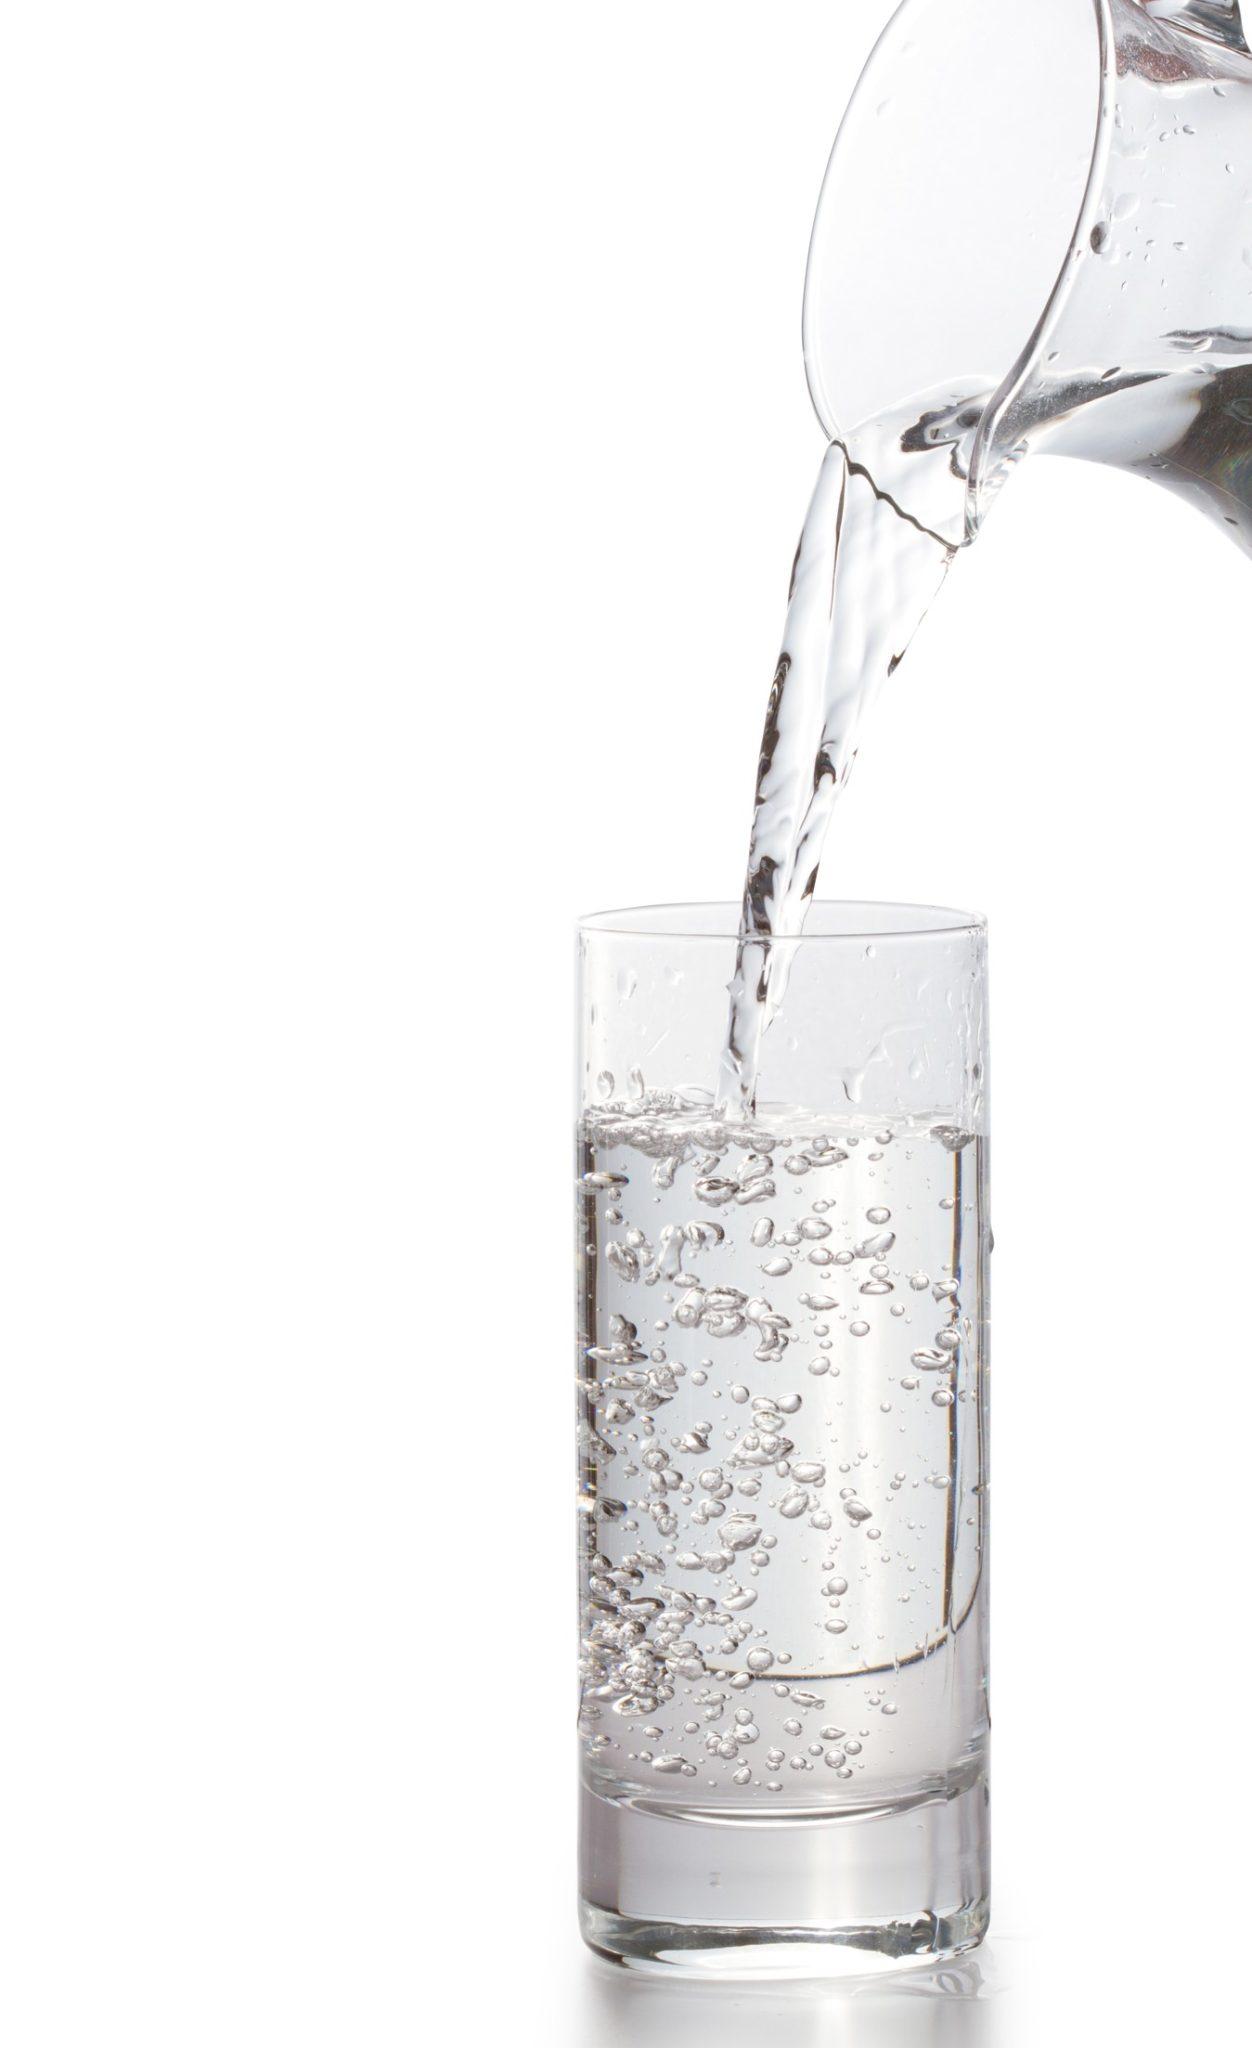 voda - rozpouštědlo na detox